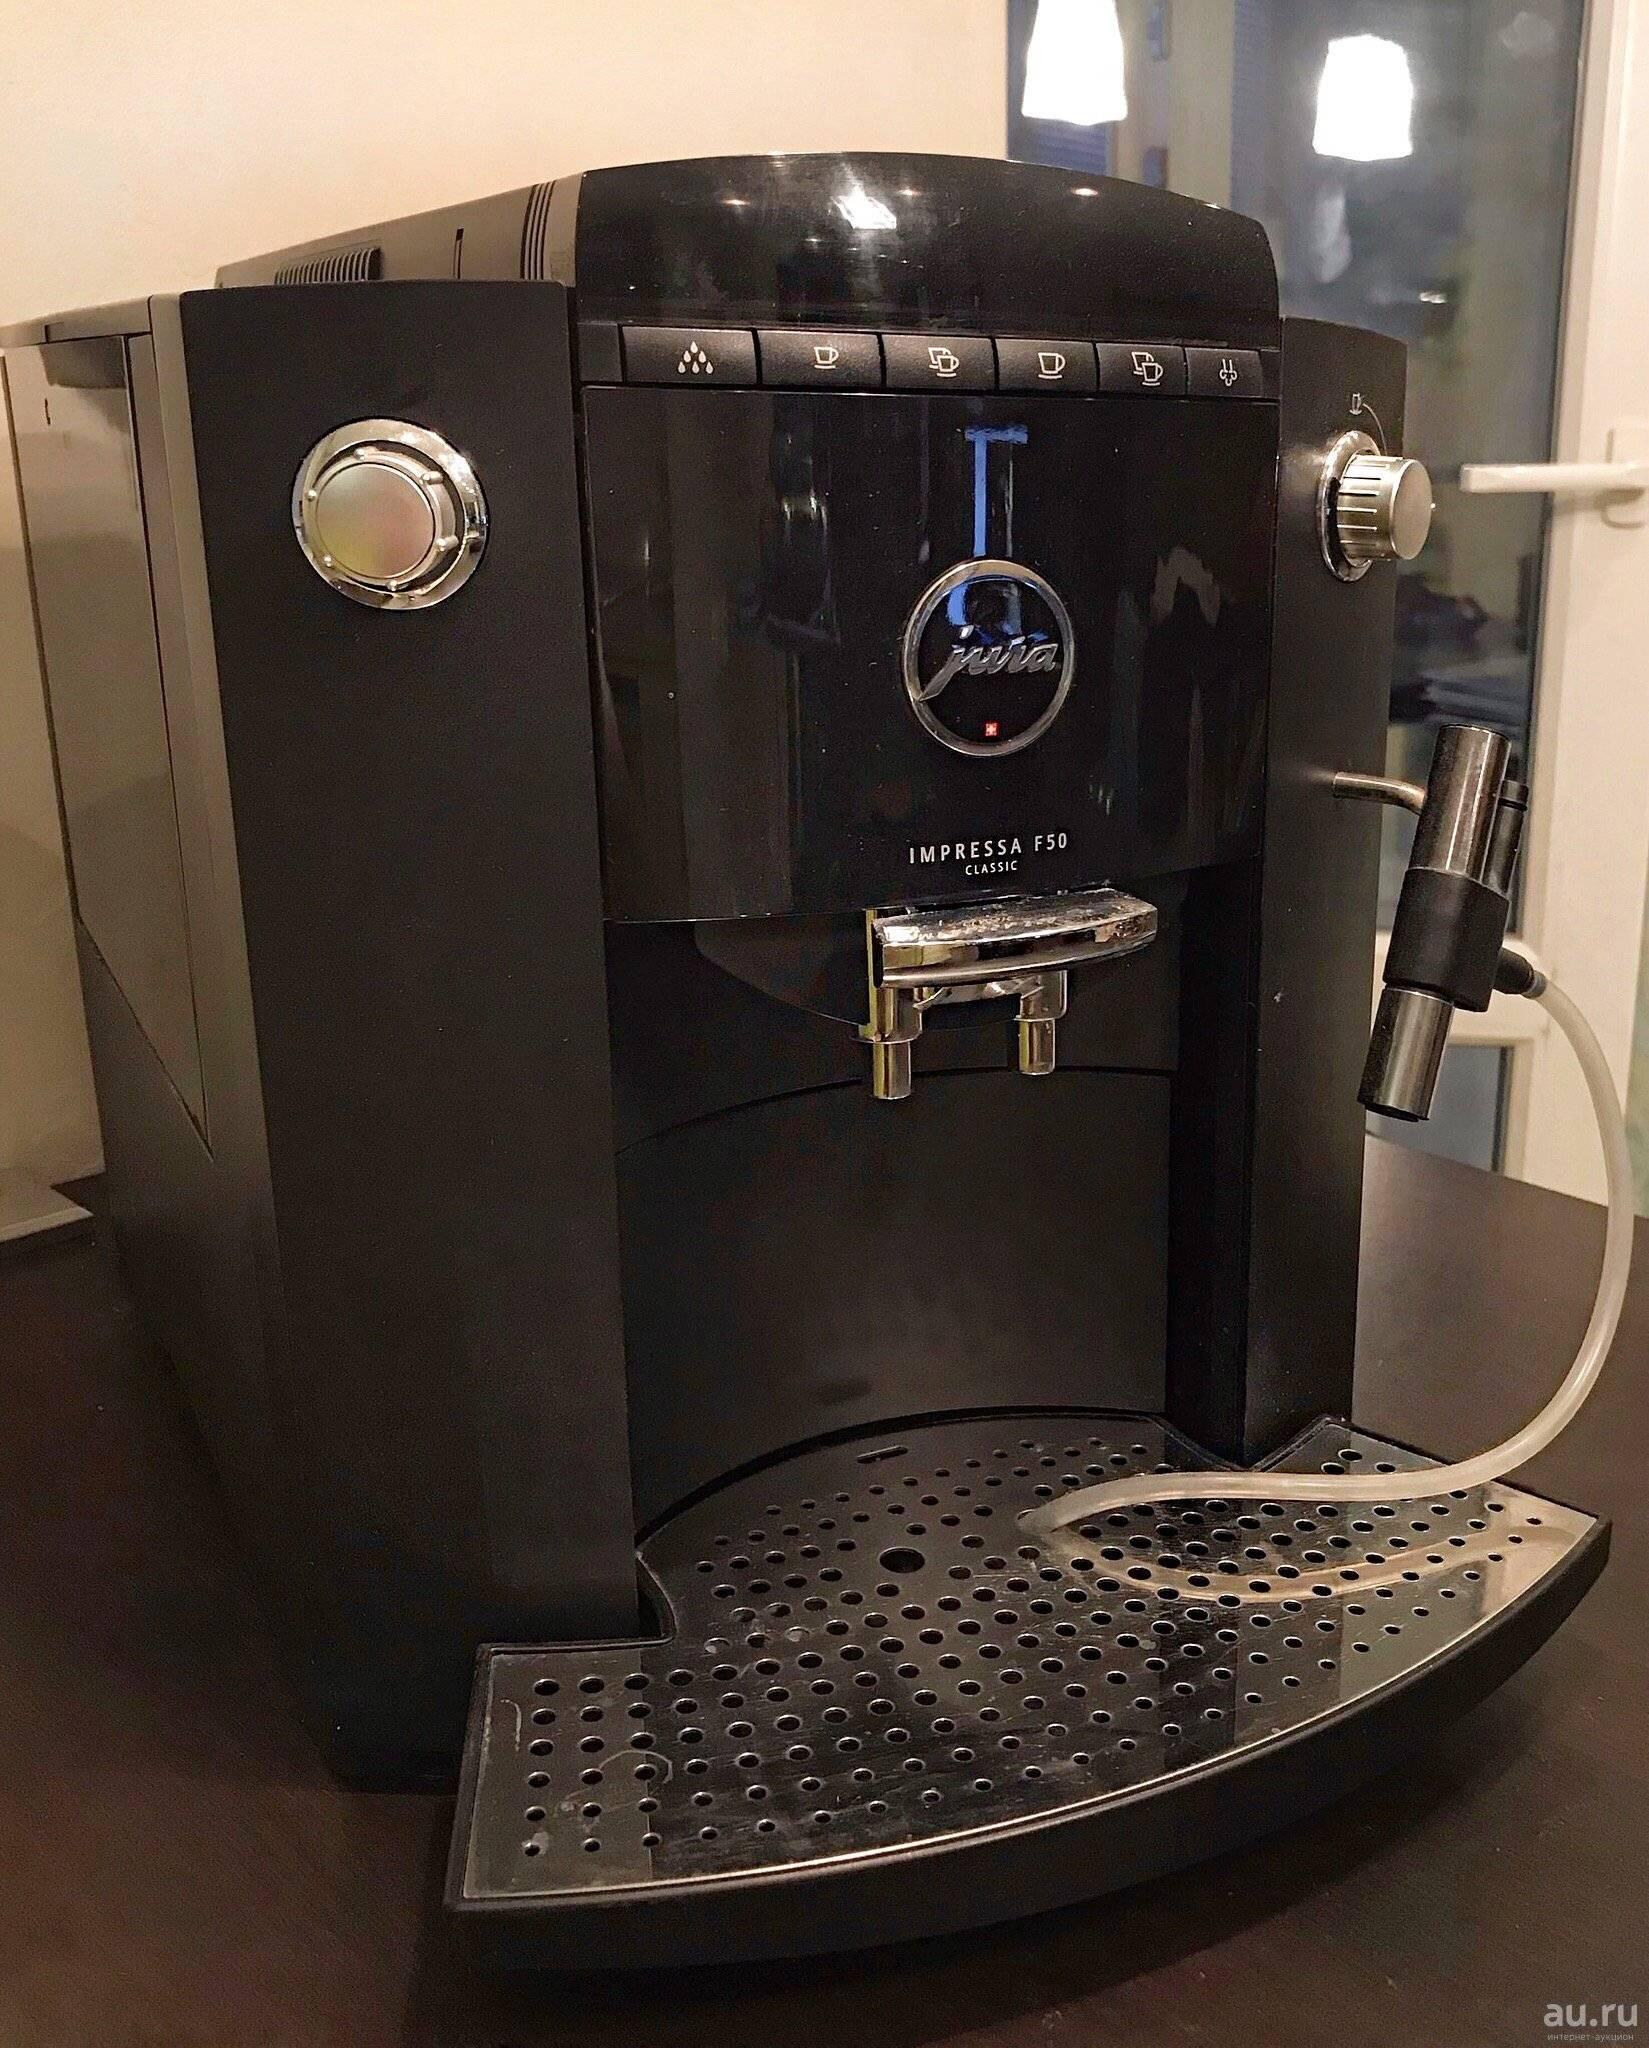 Инструкция по эксплуатации кофемашины jura impressa f50 platinum. скачать в формате pdf